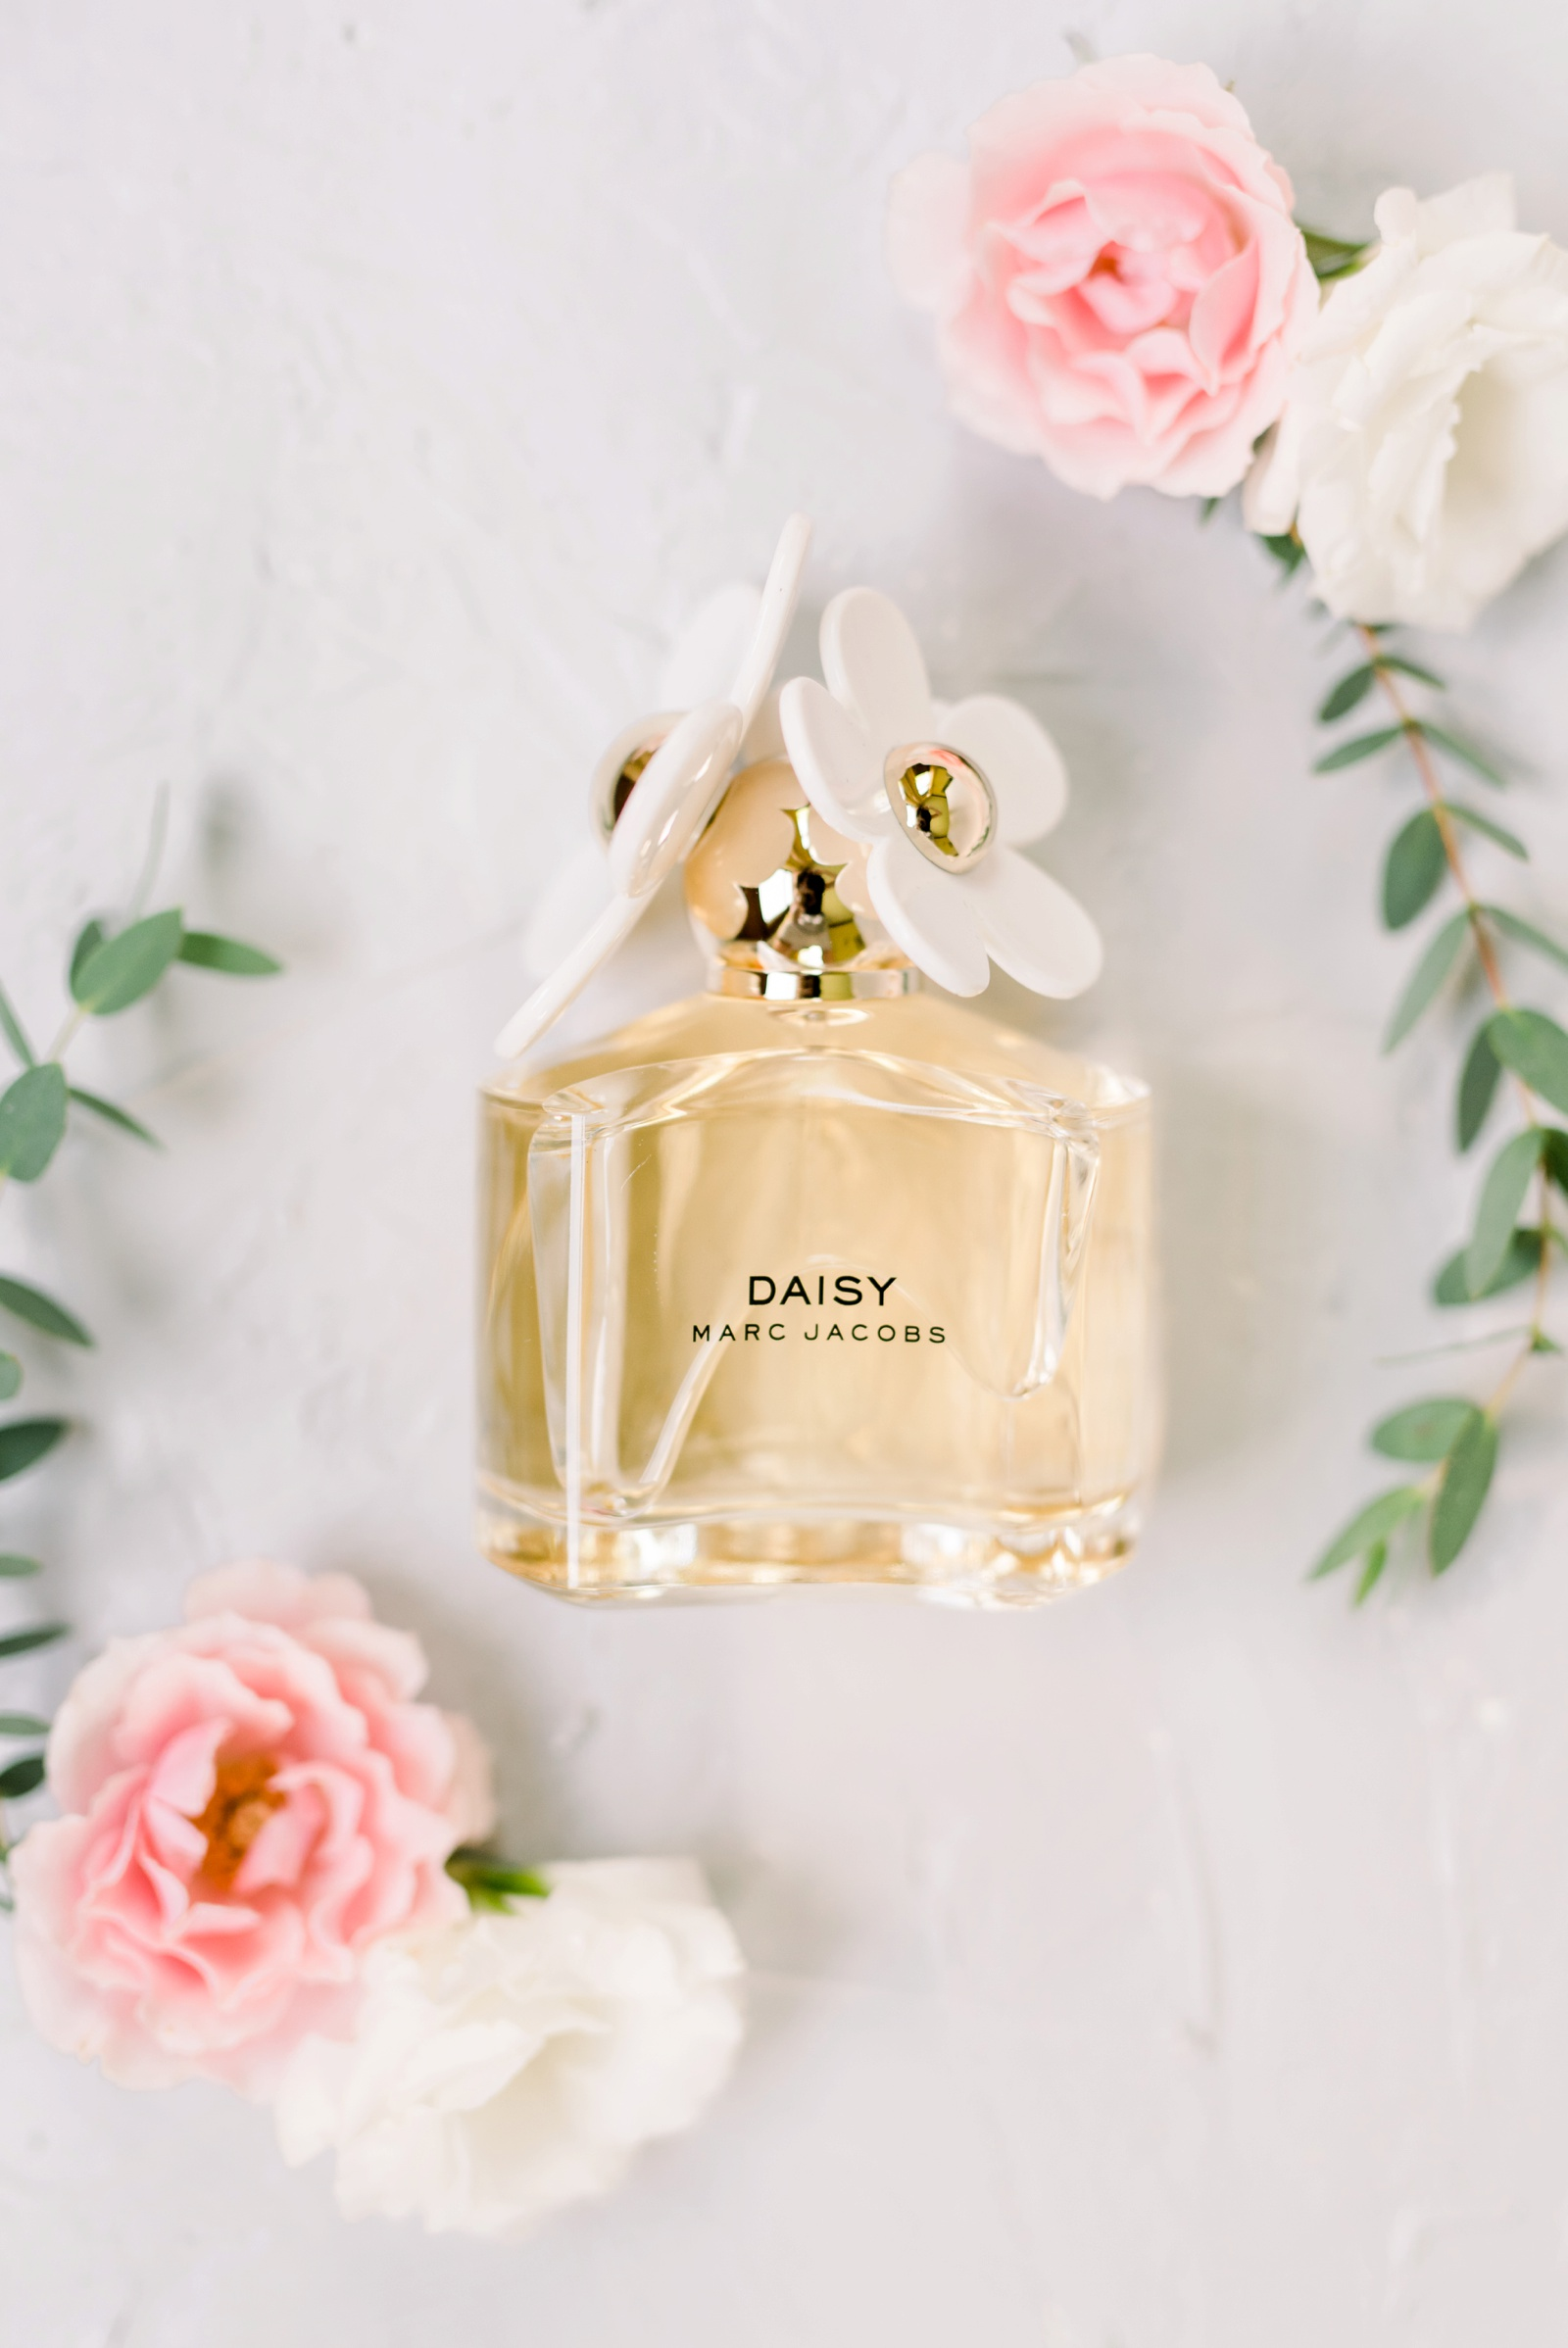 Parfum in de top 10 cadeaus voor vrouwen